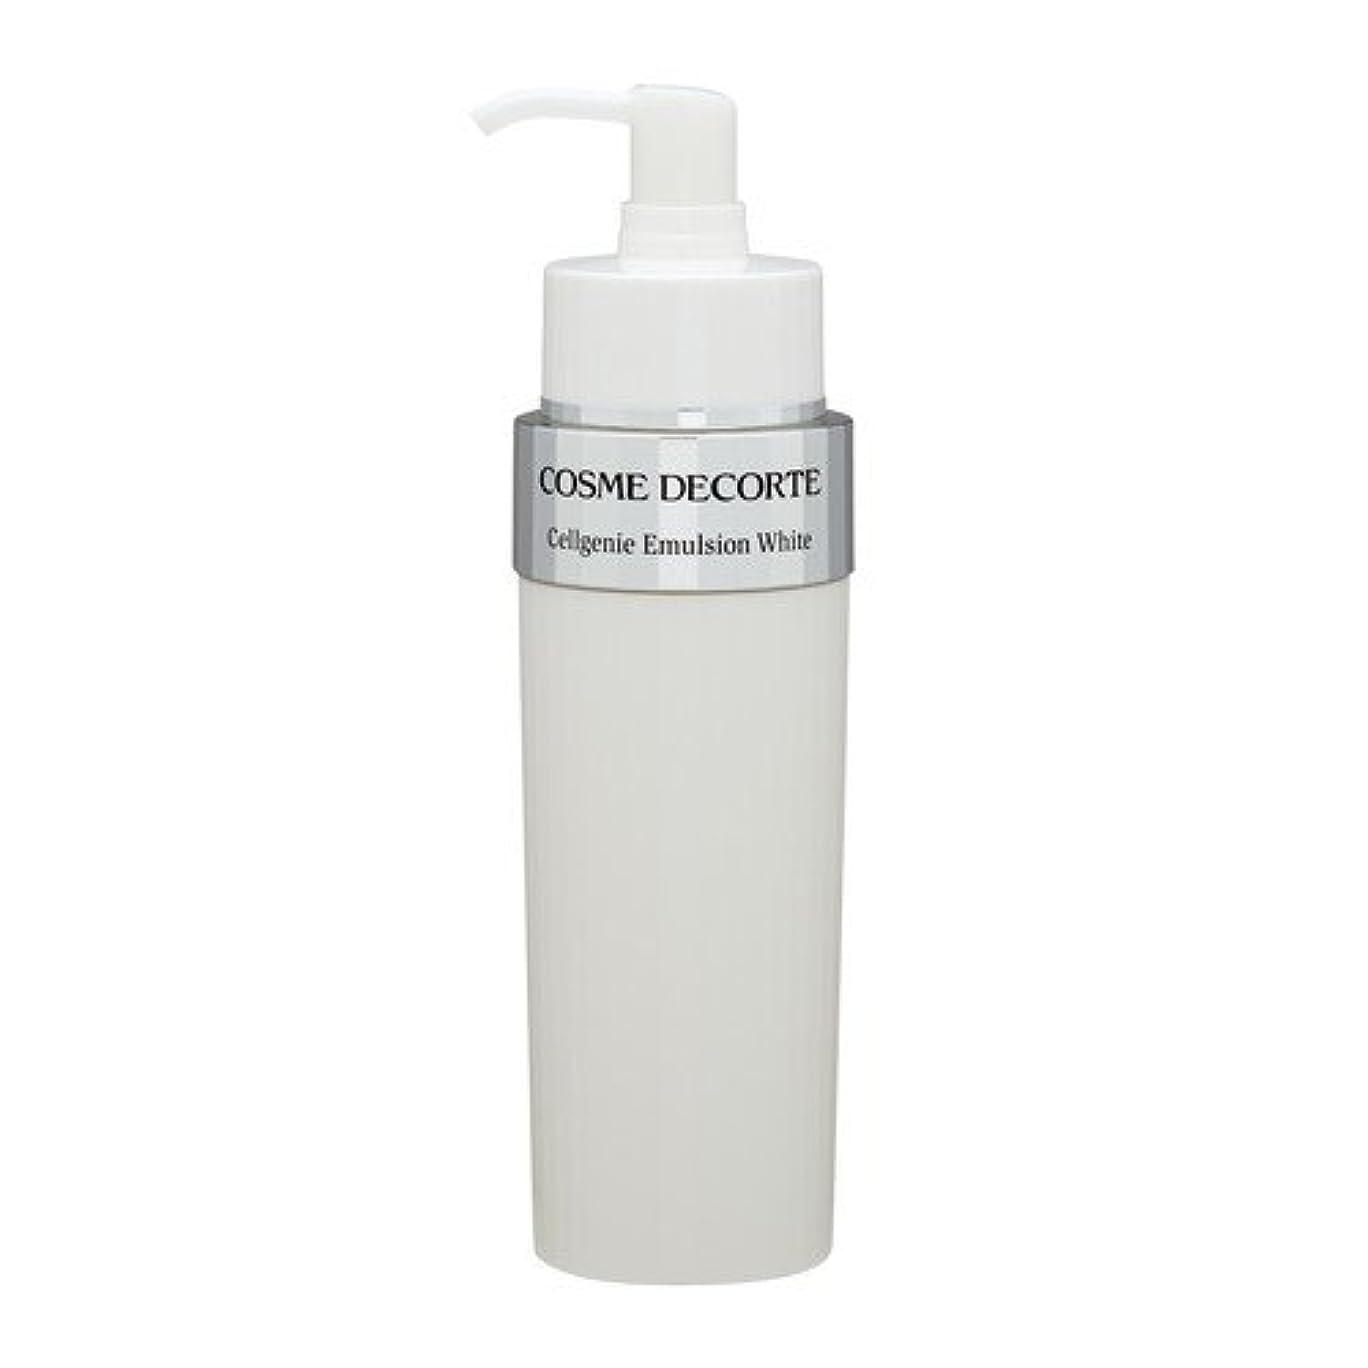 COSME DECORTE コーセー/KOSE セルジェニーエマルジョンホワイト 200ml [362893] [並行輸入品]